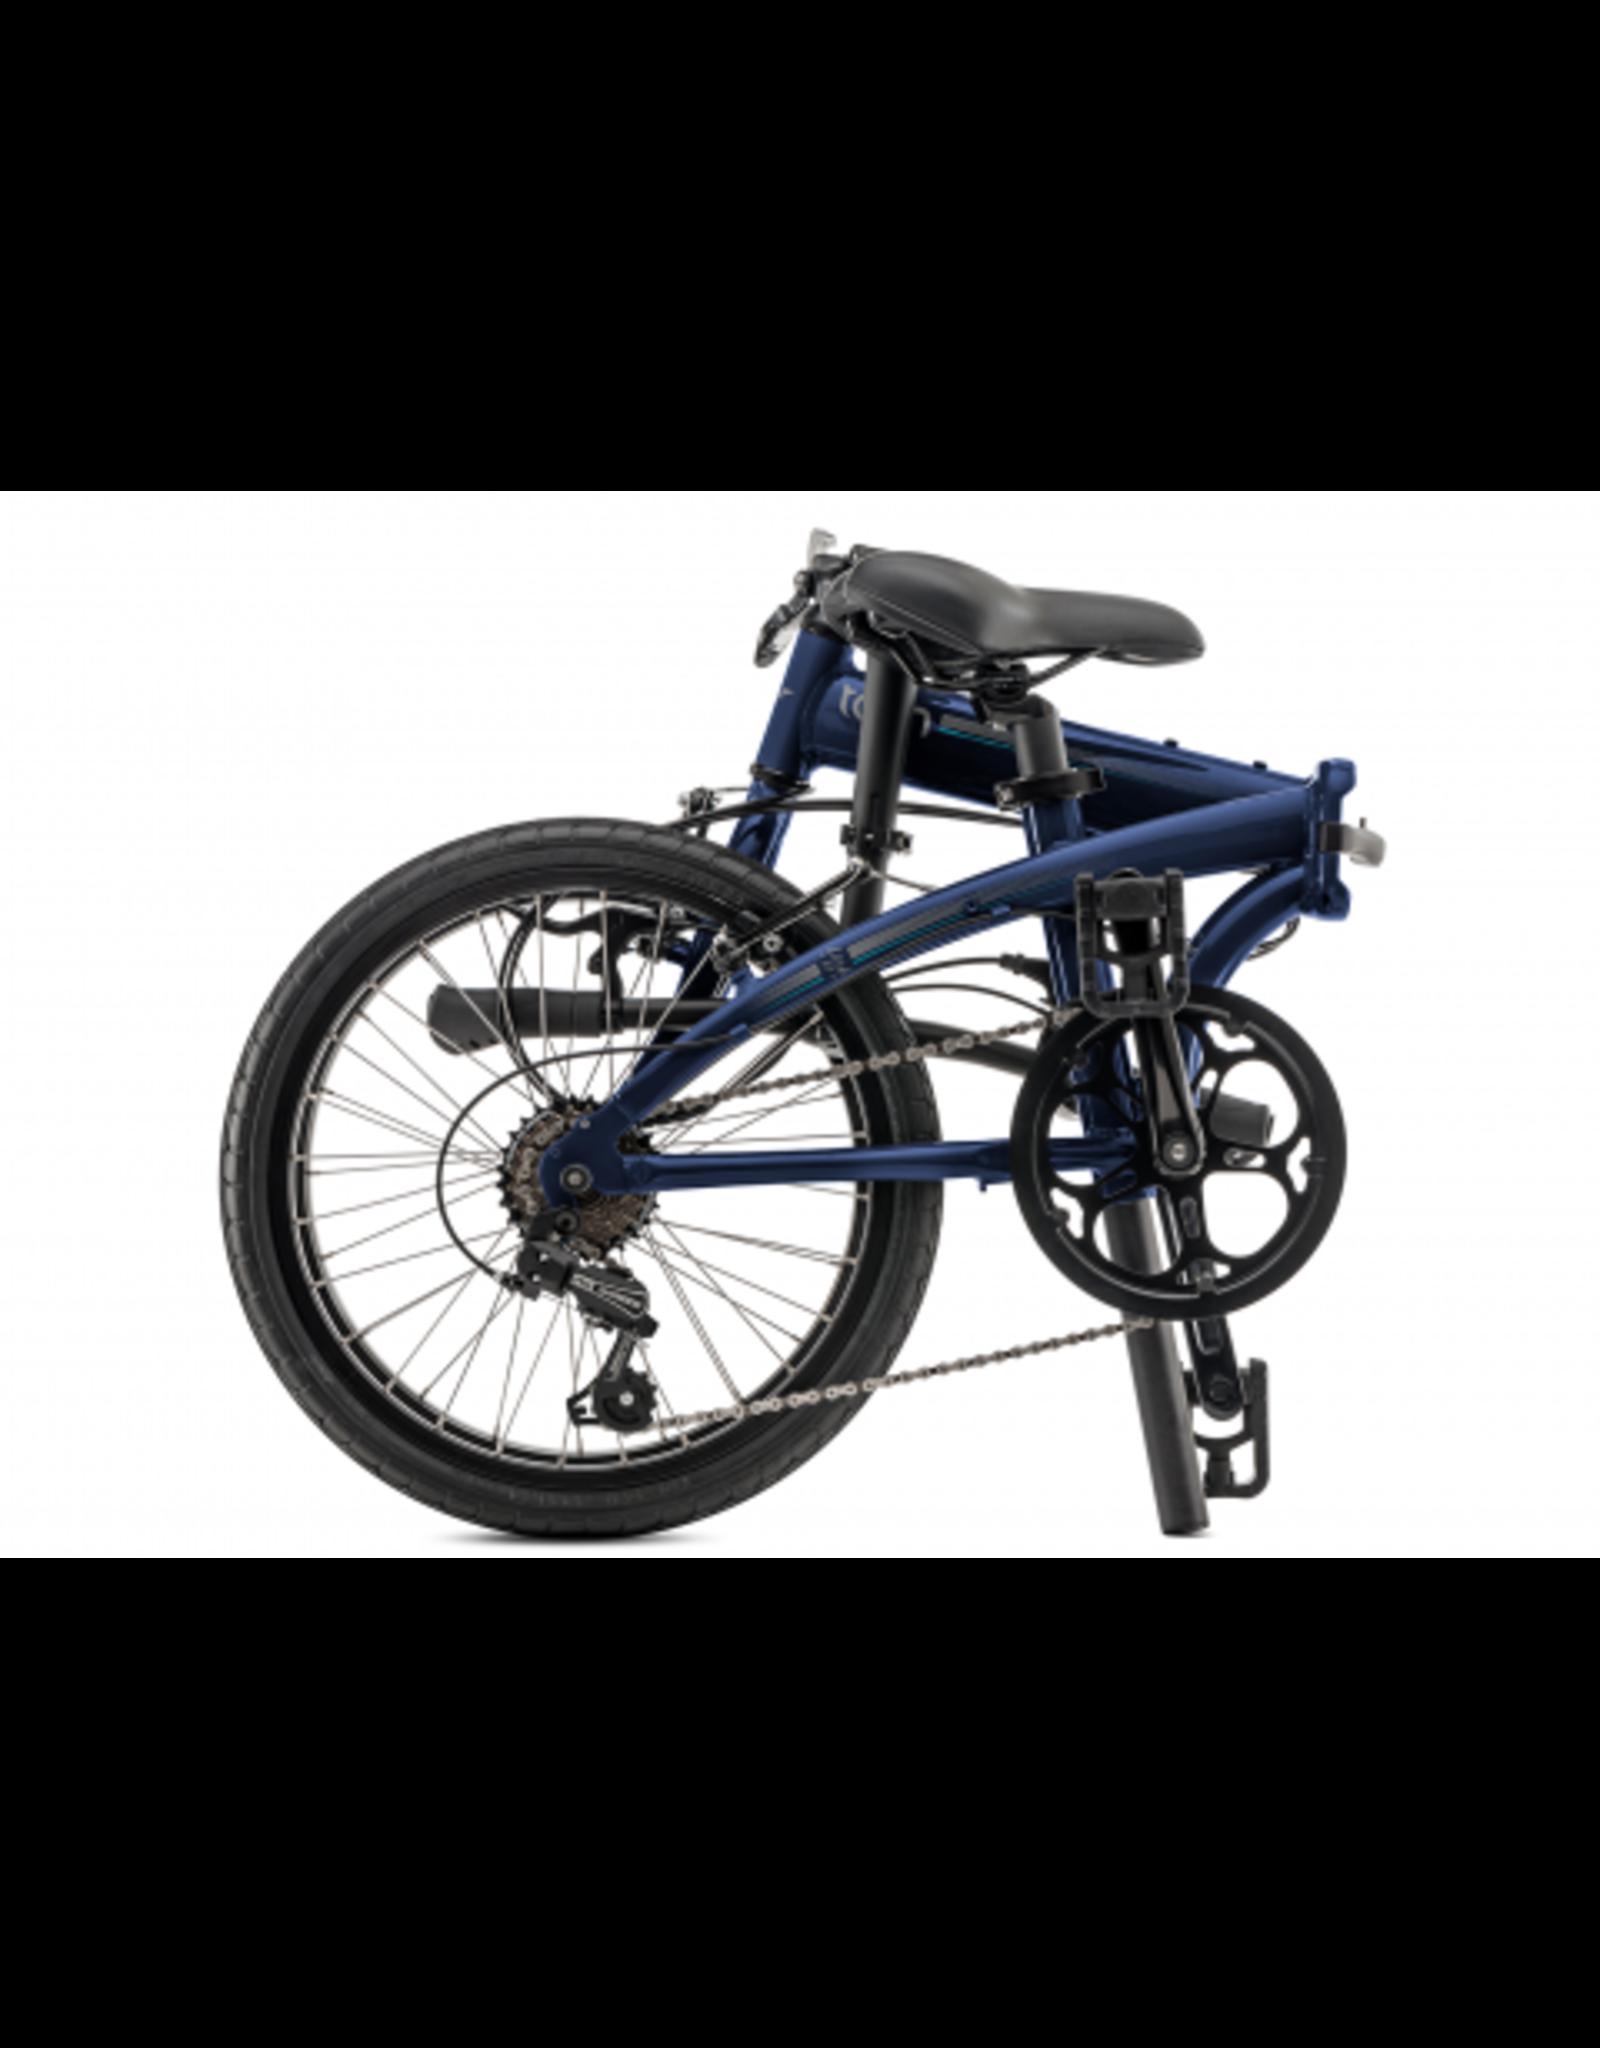 TERN TERN LINK A7 Midnight-Grey(Blue) FOLDABLE BIKE